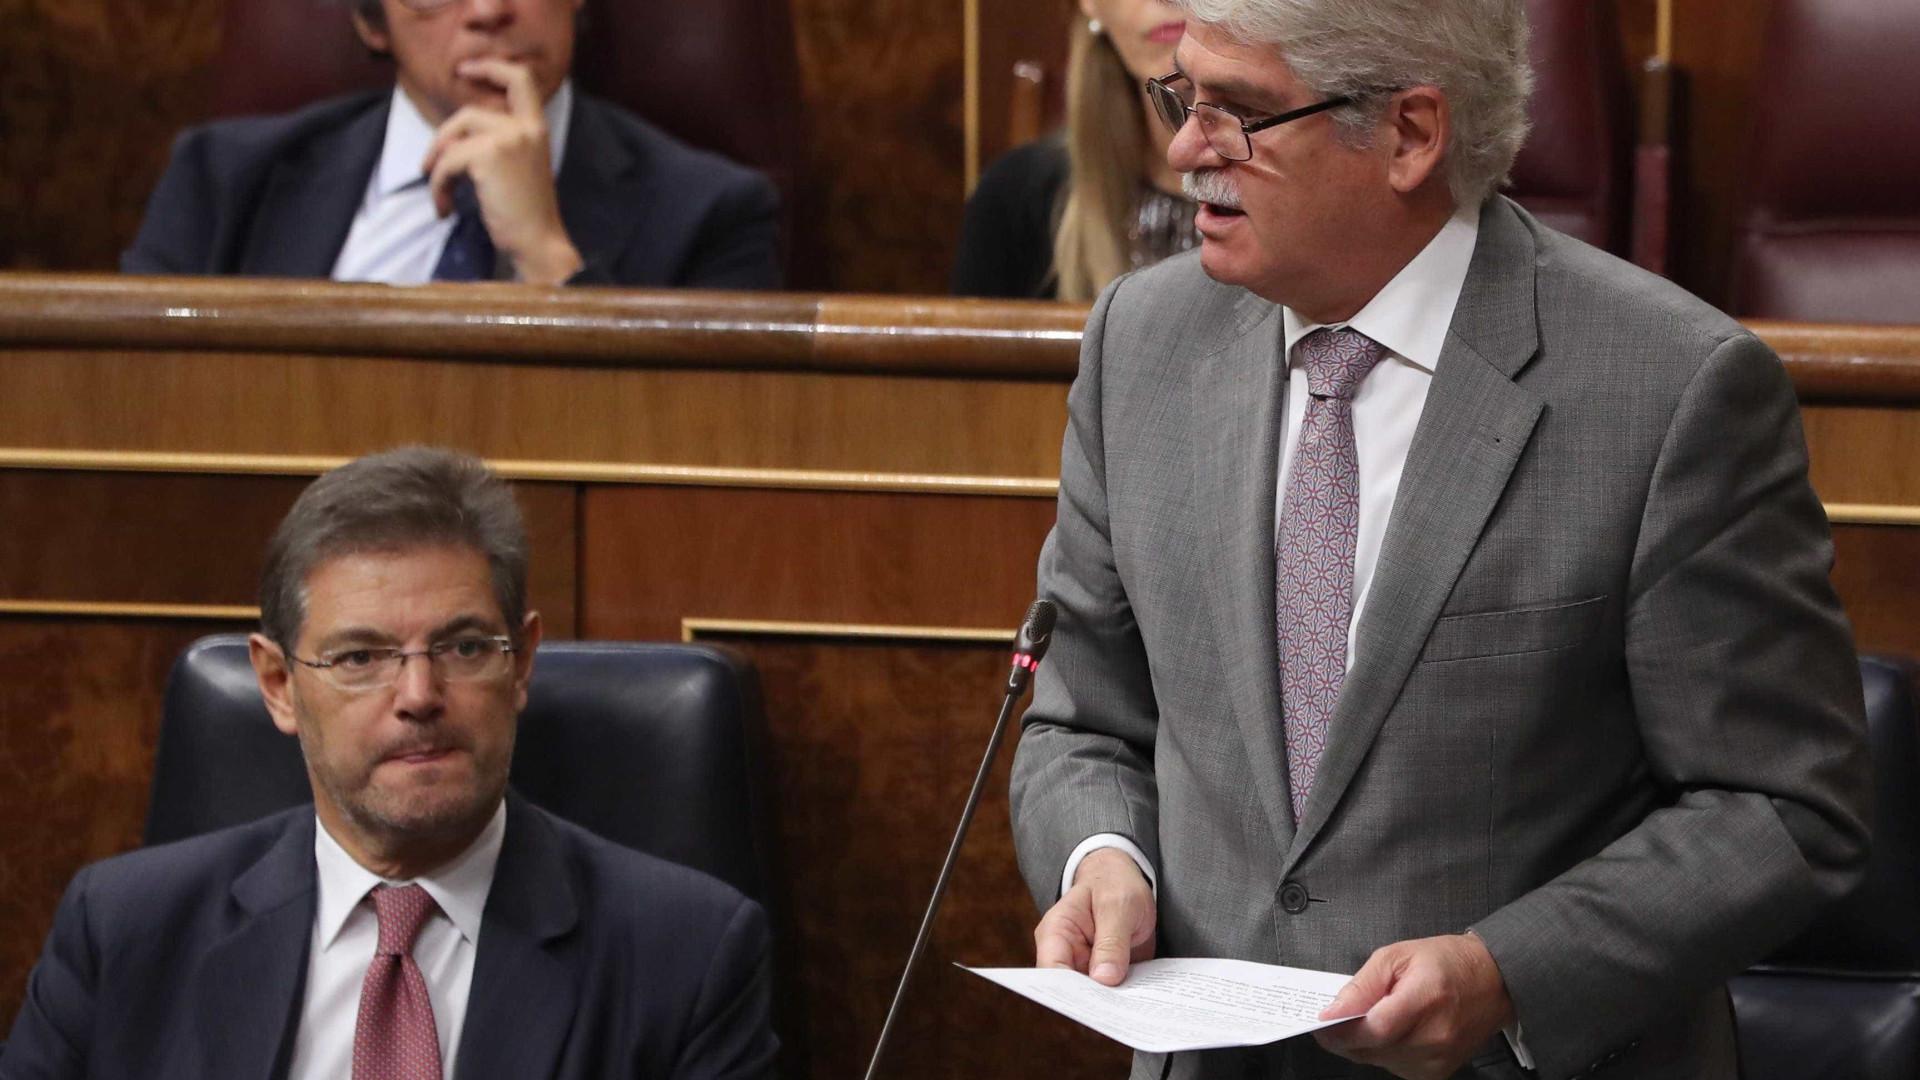 Ministro diz que Puigdemont não declarou independência da Catalunha